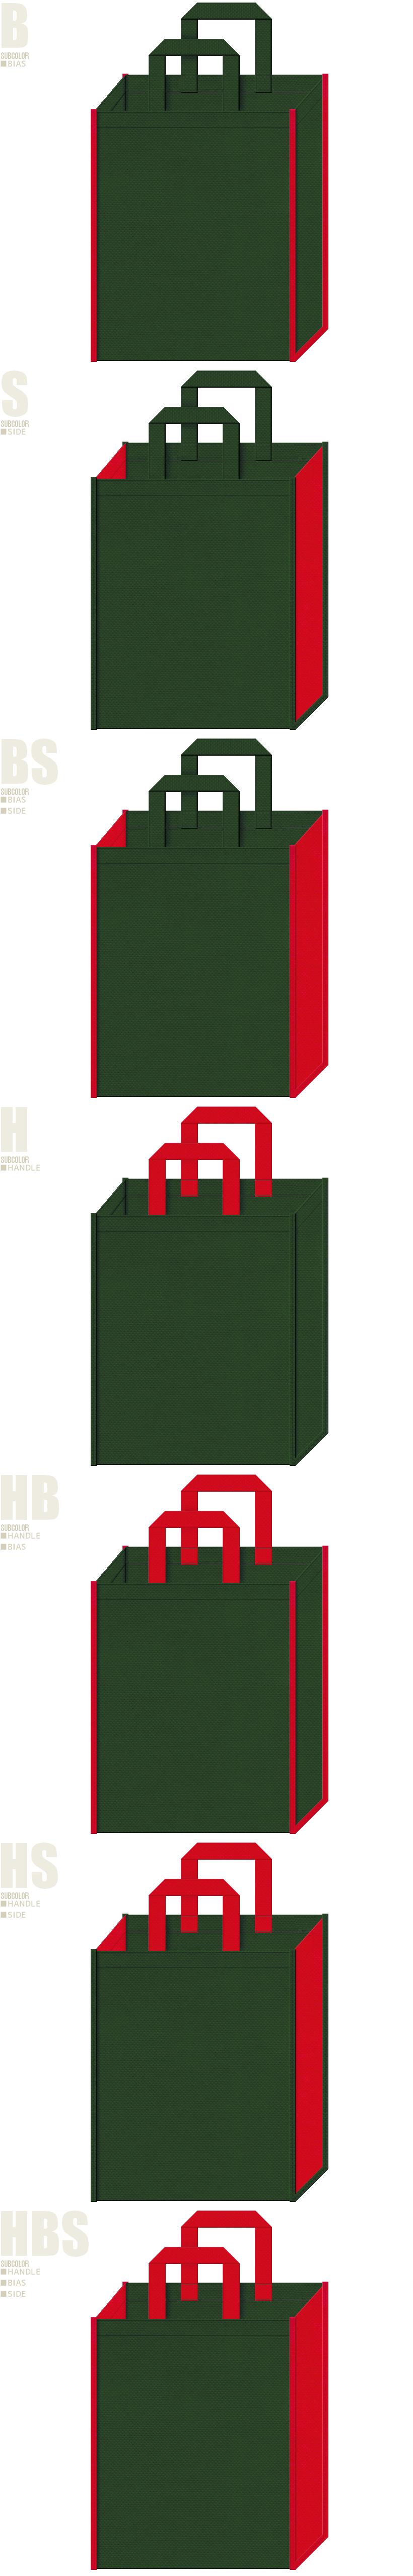 濃緑色と紅色、7パターンの不織布トートバッグ配色デザイン例。